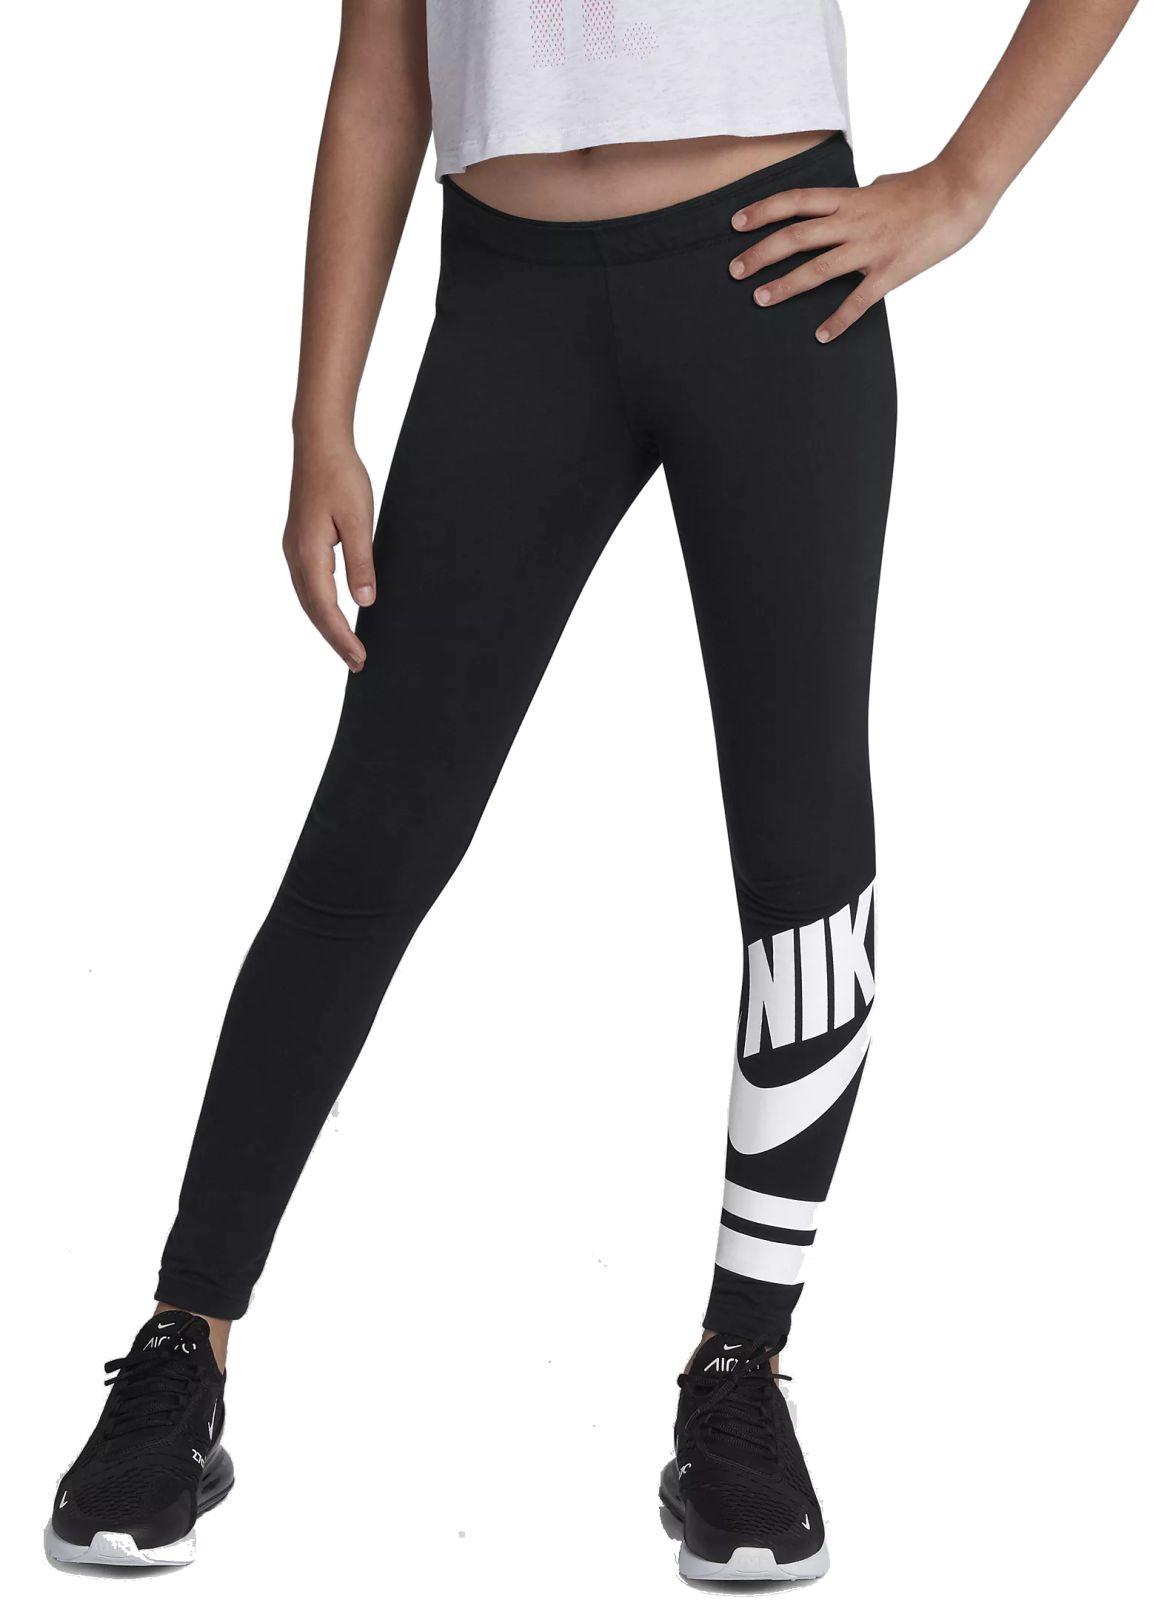 Leggings G Trainingshose Schwarz Leggings Fitnesshose